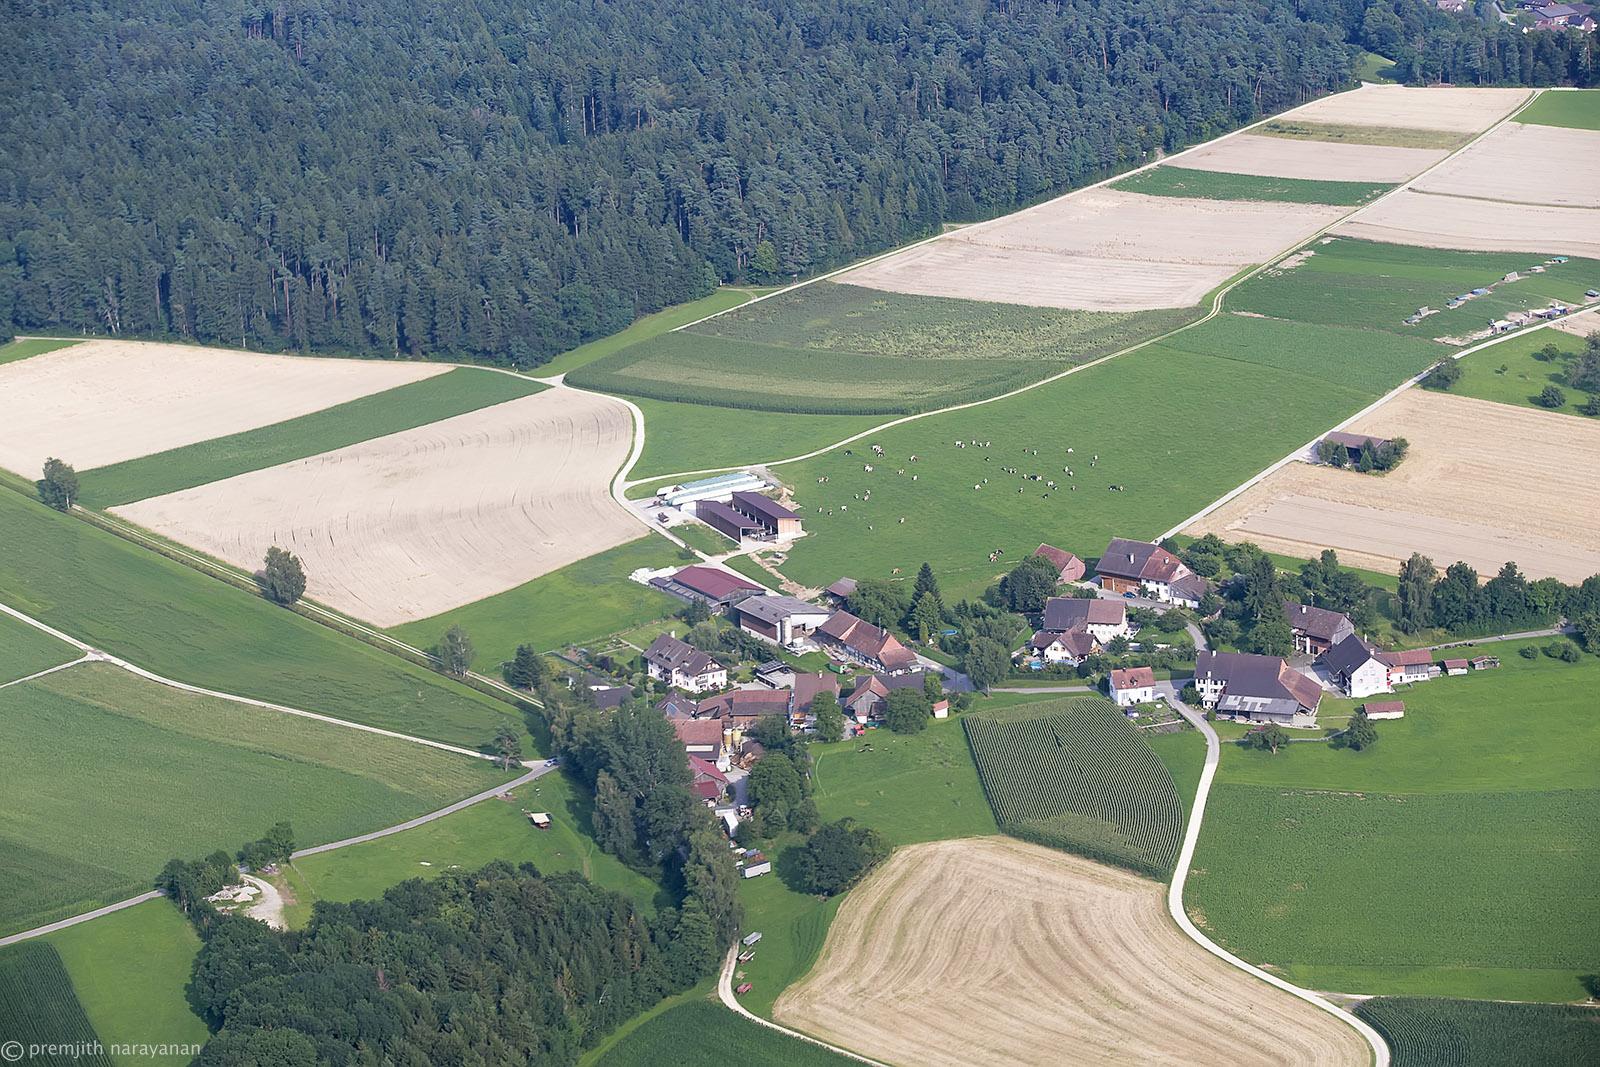 2.3 Swiss Landscape